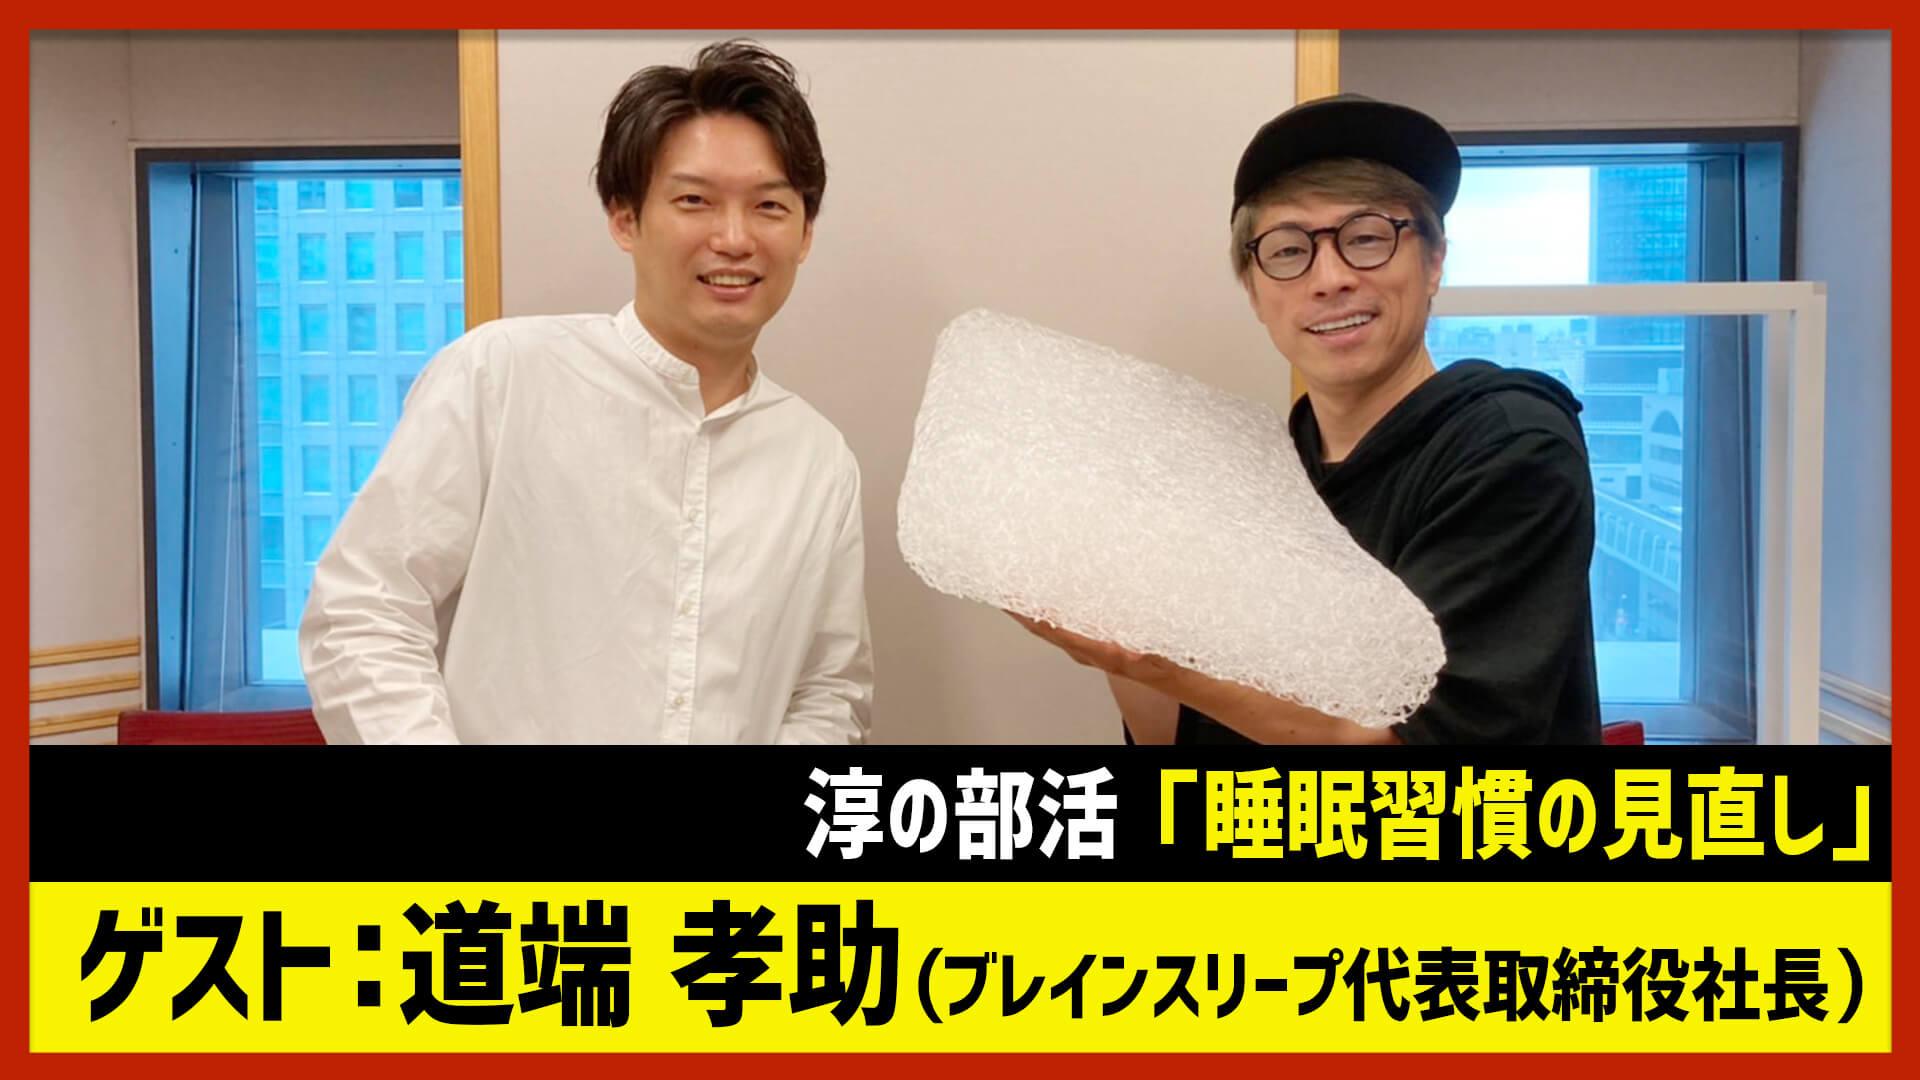 【田村淳のNewsCLUB】ゲスト: 道端孝助さん(2021年9月4日)